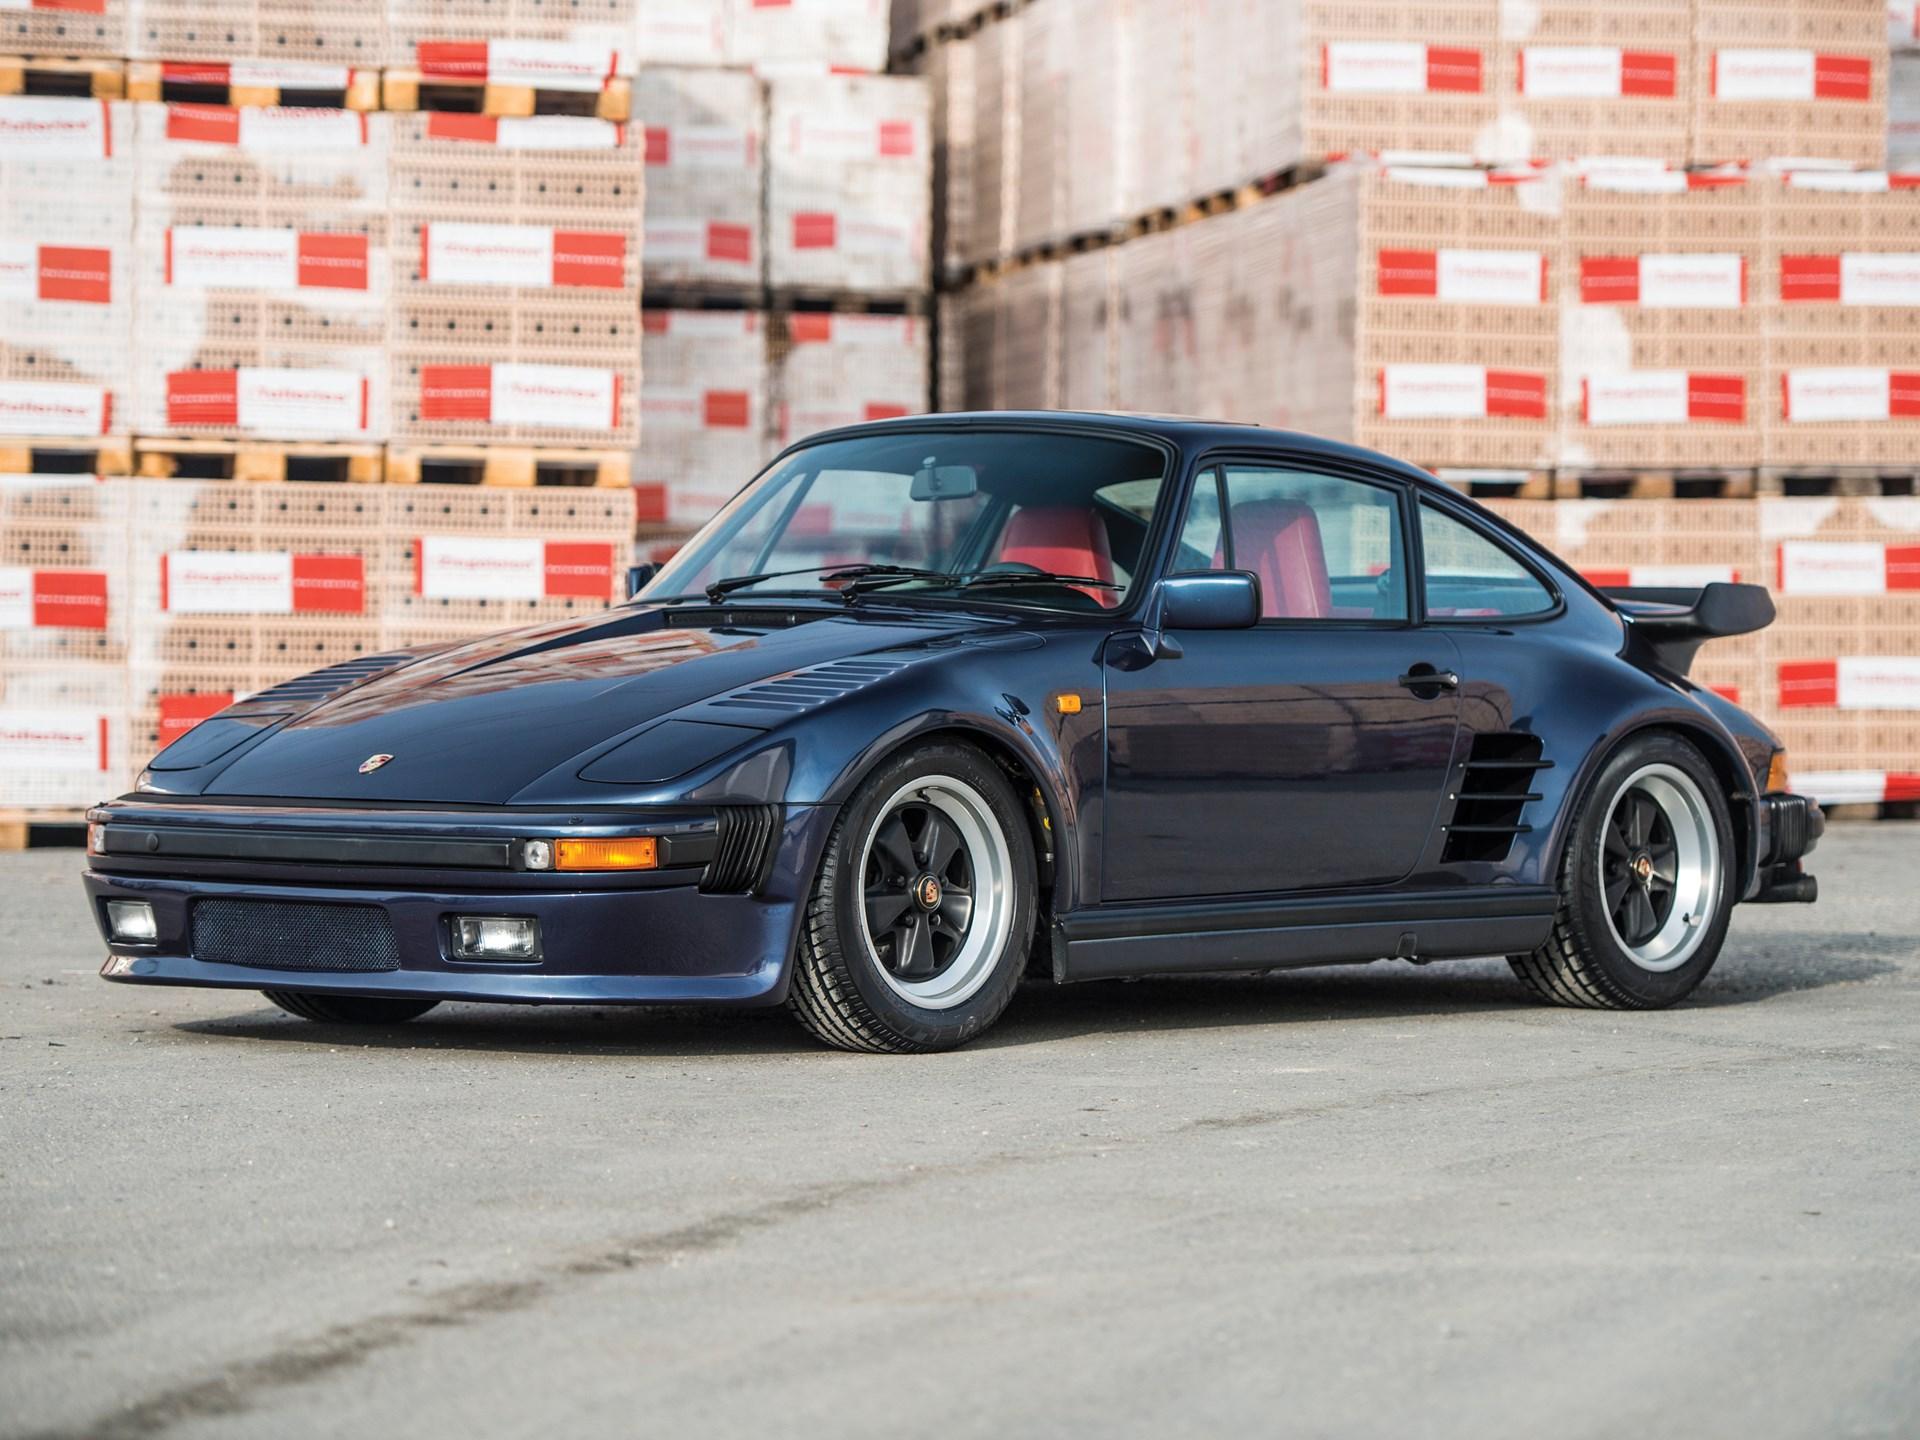 RM Sotheby's - 1986 Porsche 911 Turbo 'Flat Nose'   Paris 2017